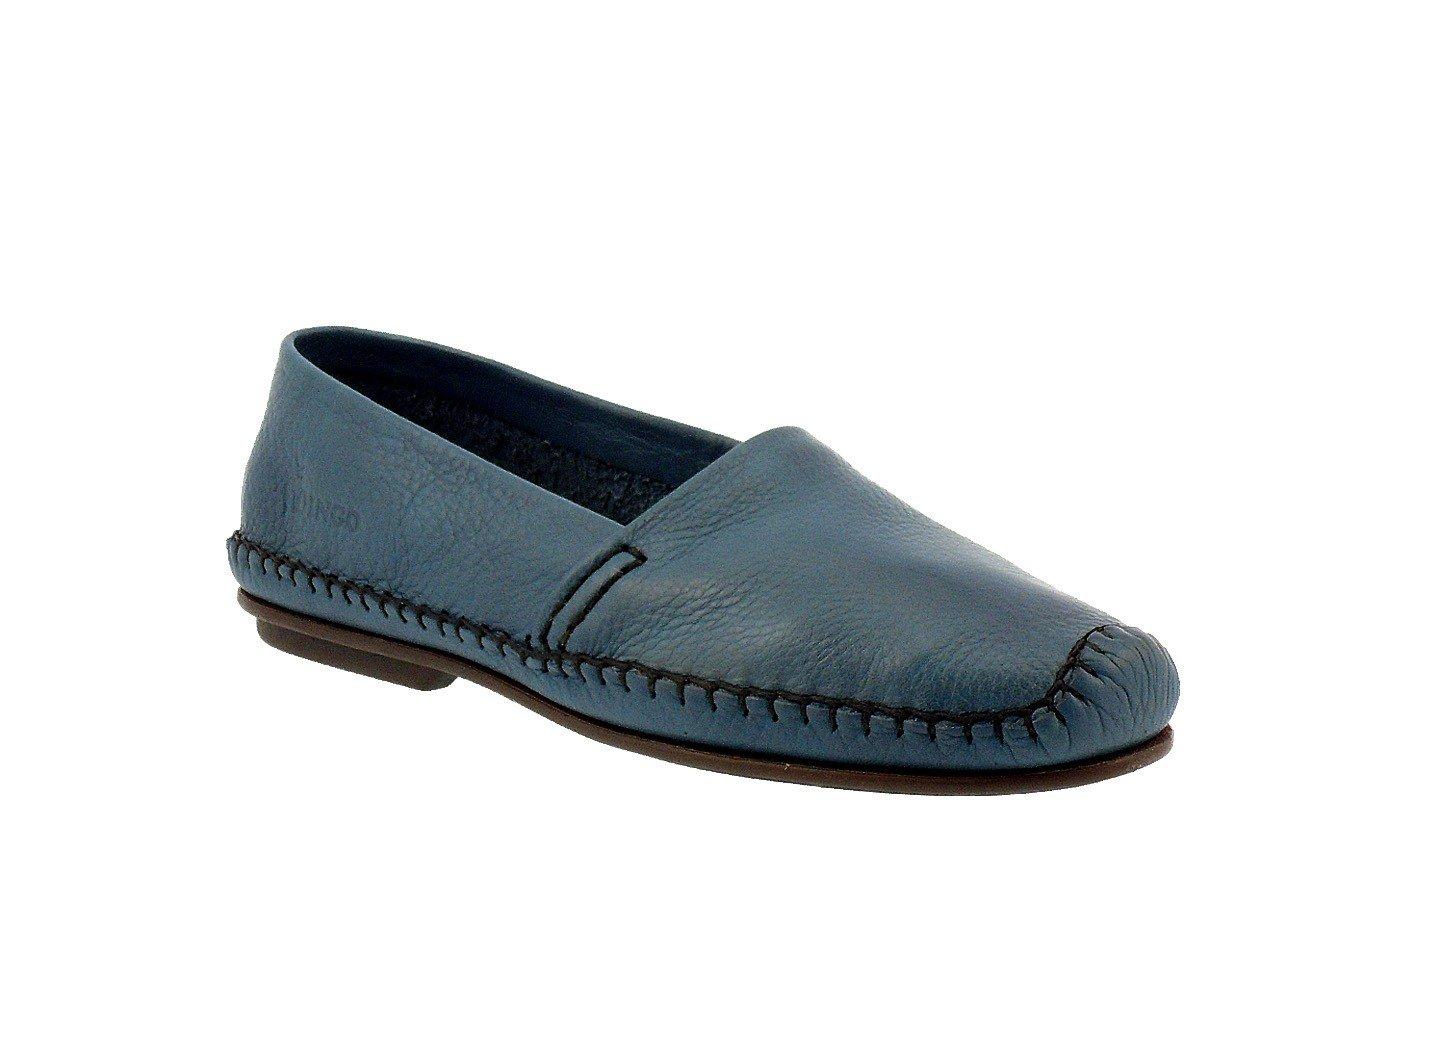 DingobyFluchos - Mocasines para hombre 44|Jean Zapatos de moda en línea Obtenga el mejor descuento de venta caliente-Descuento más grande